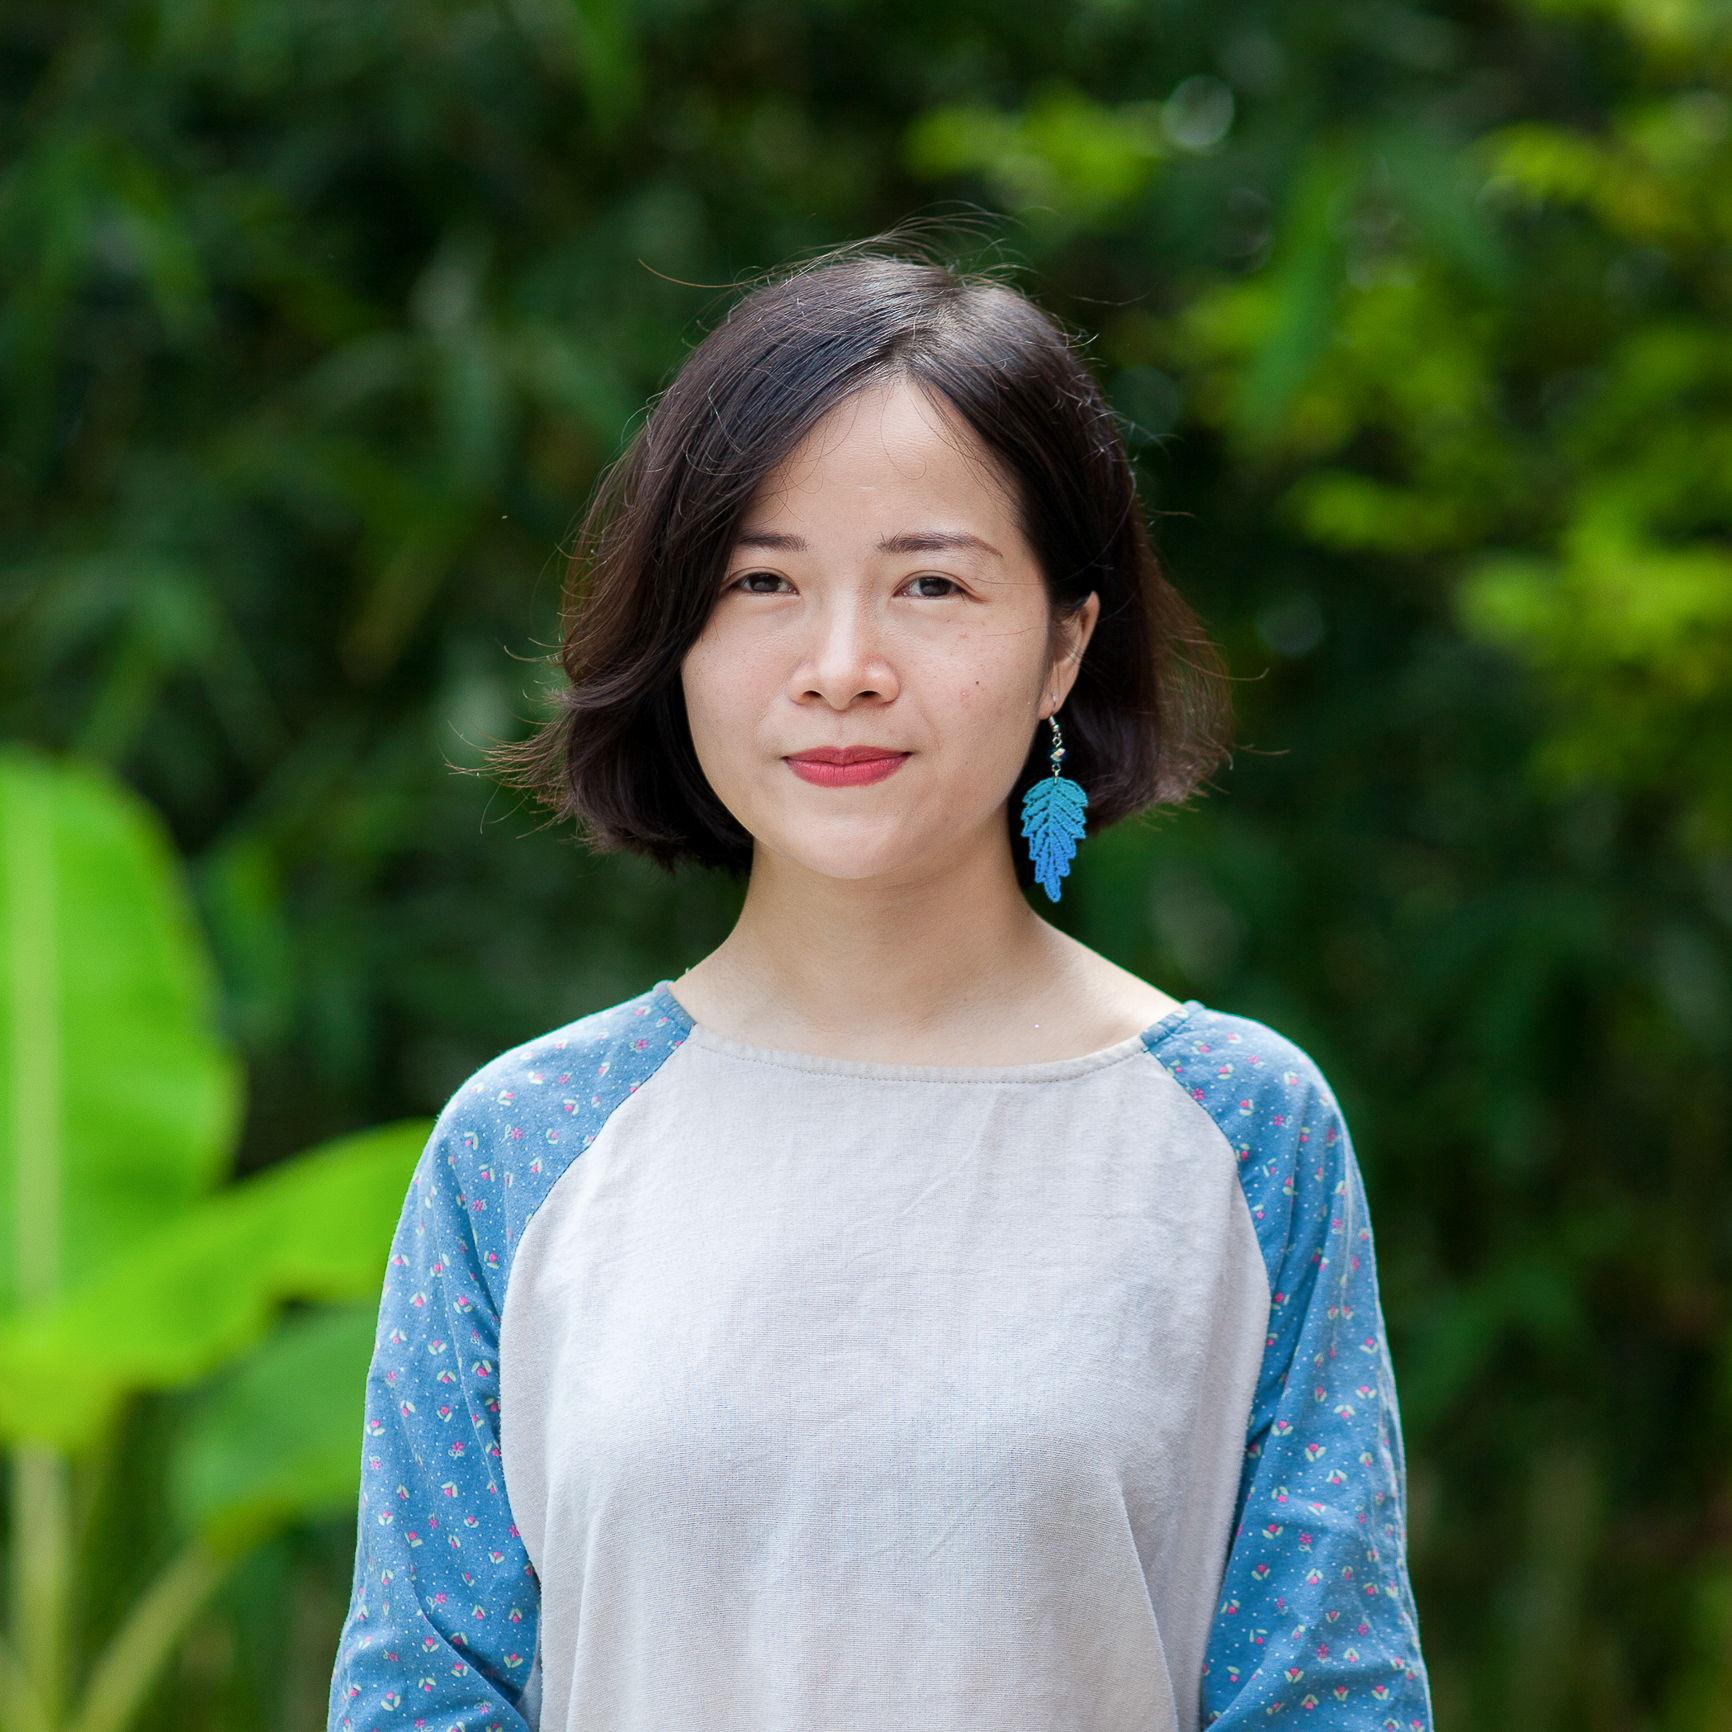 Trần Thị Huyền